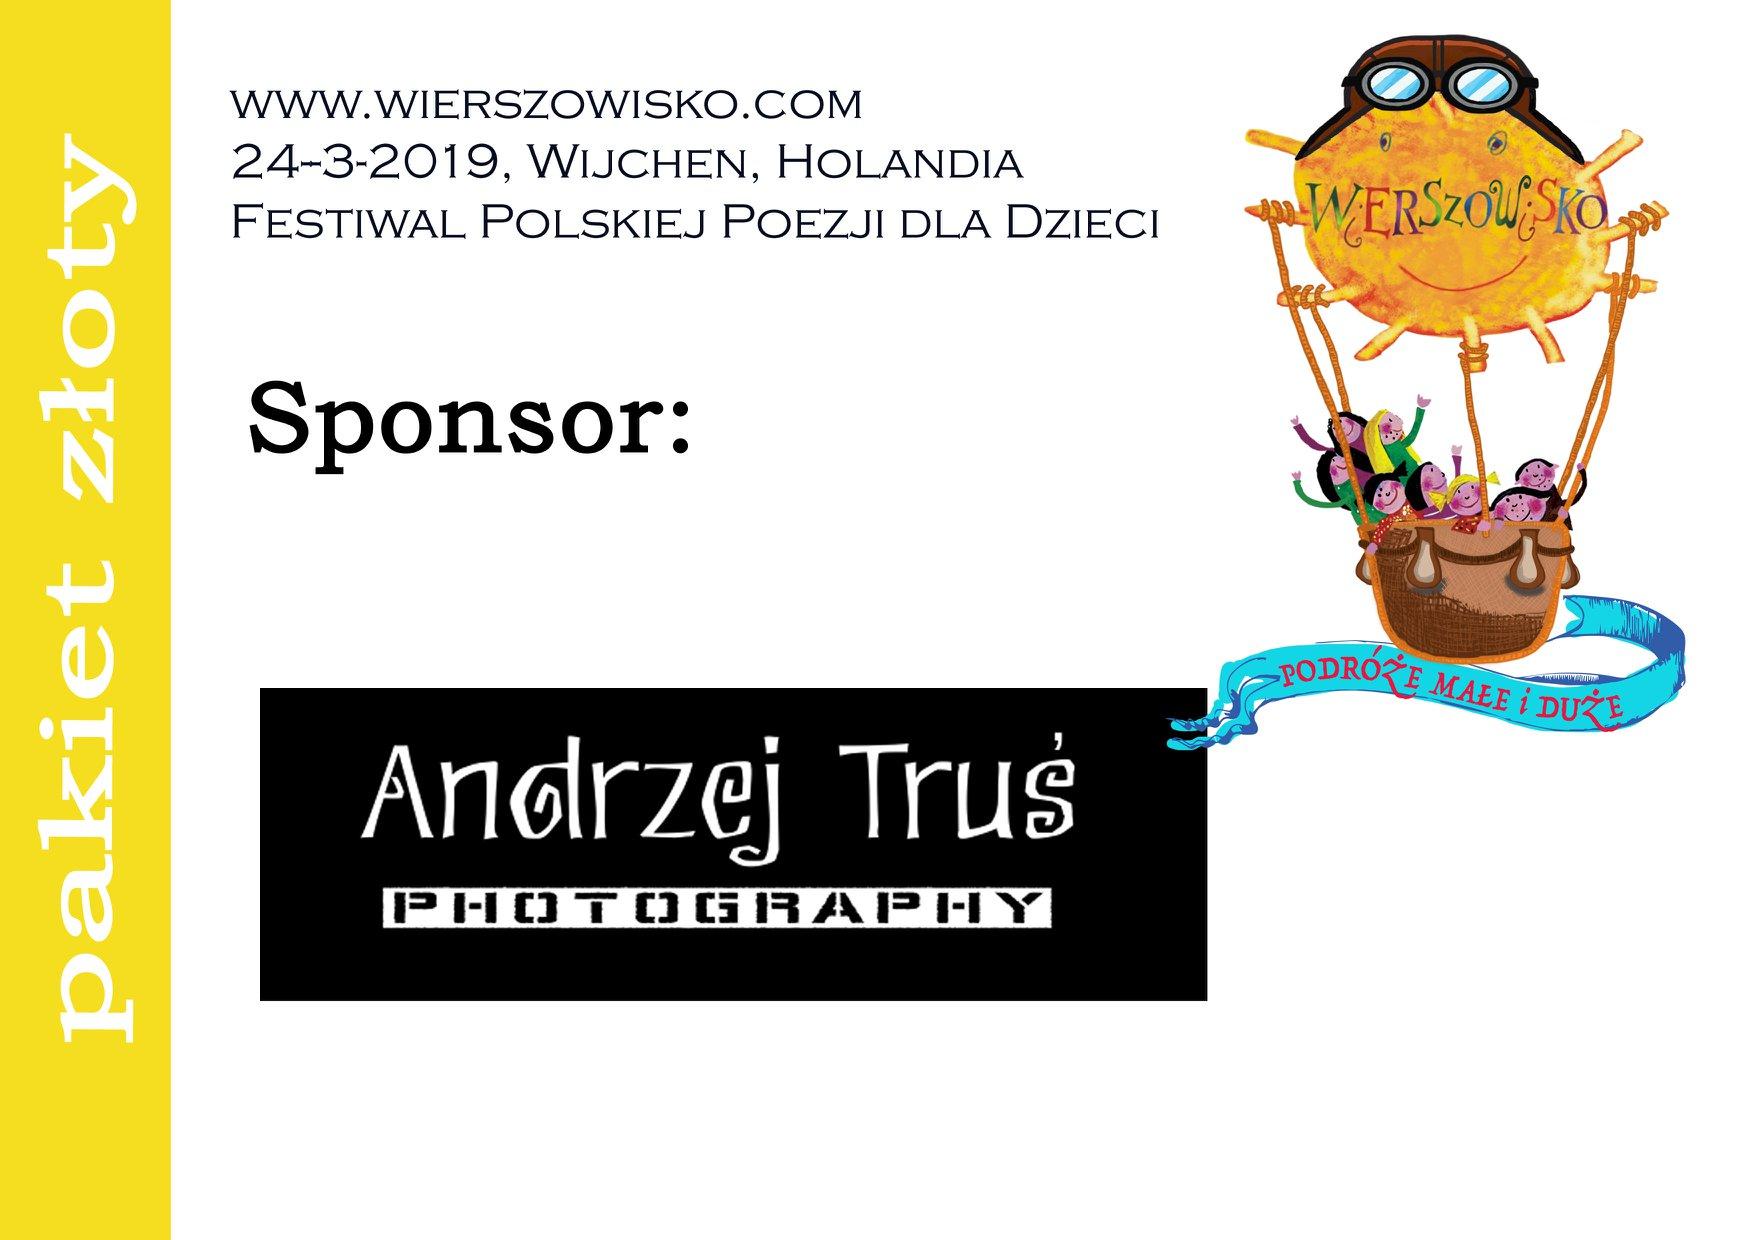 Andrzej Truś